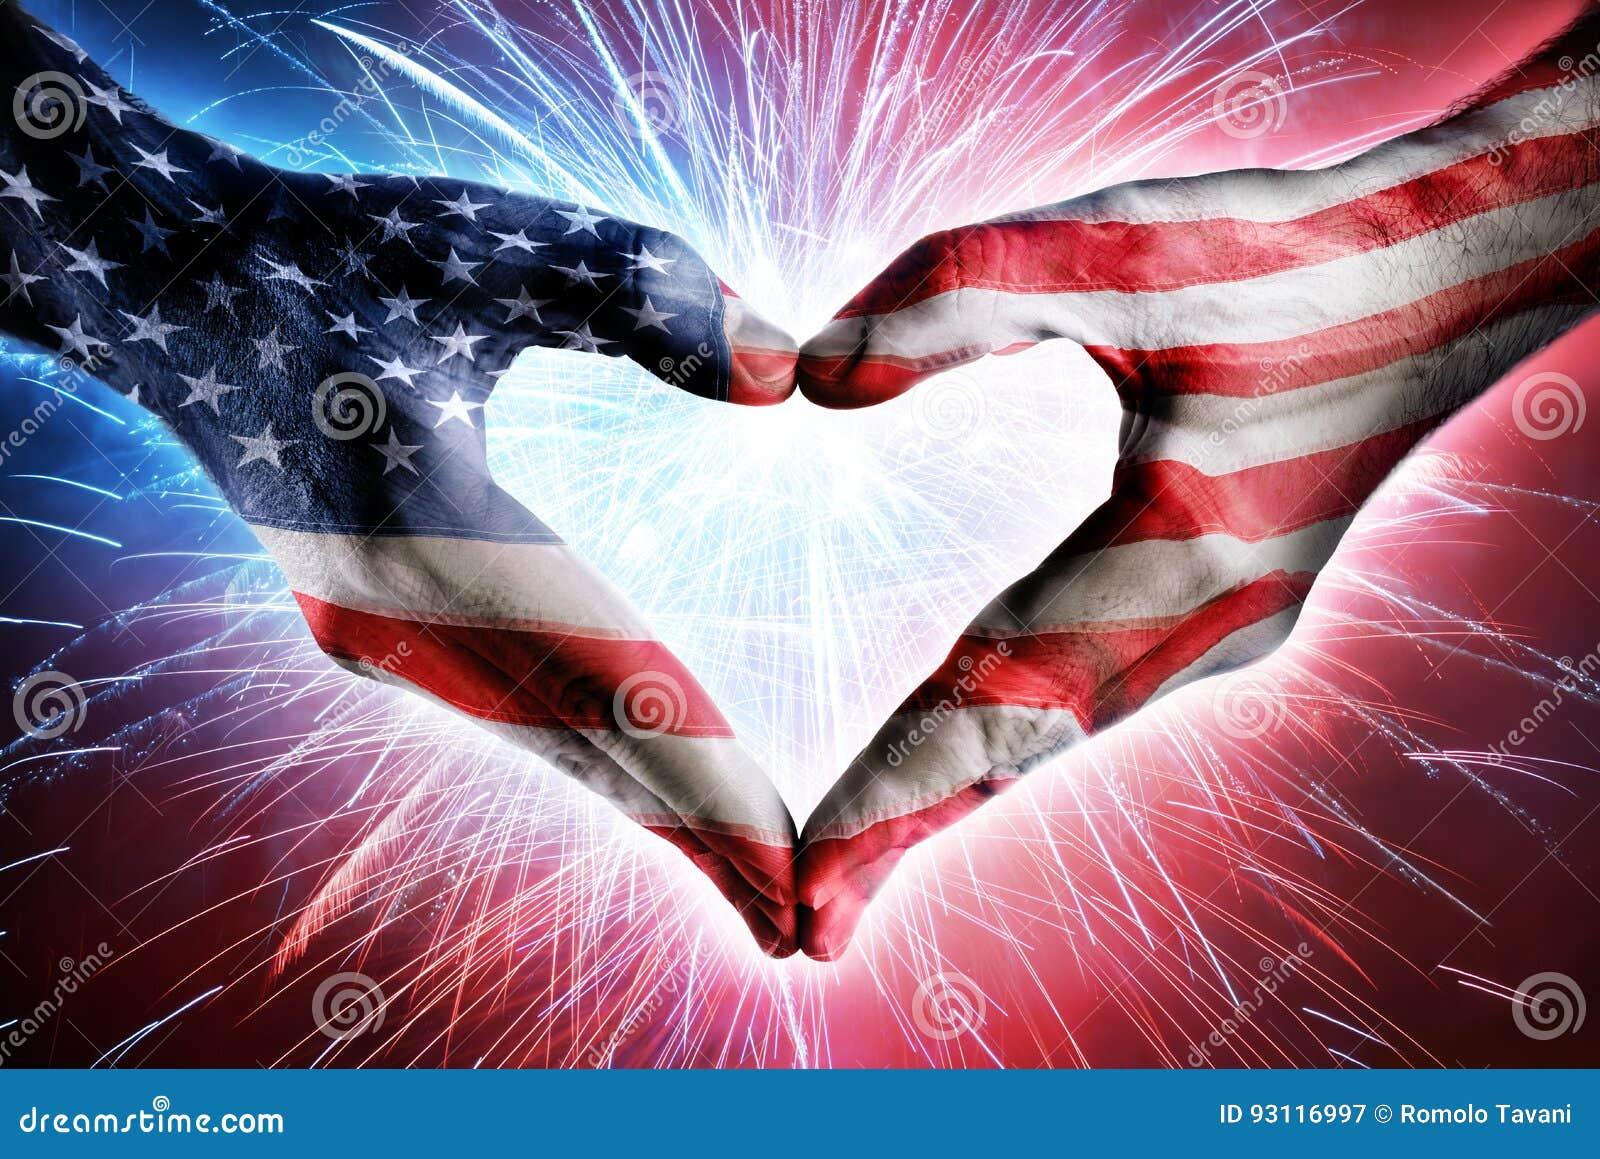 Miłość I patriotyzm - Usa flaga Na serce Kształtować rękach